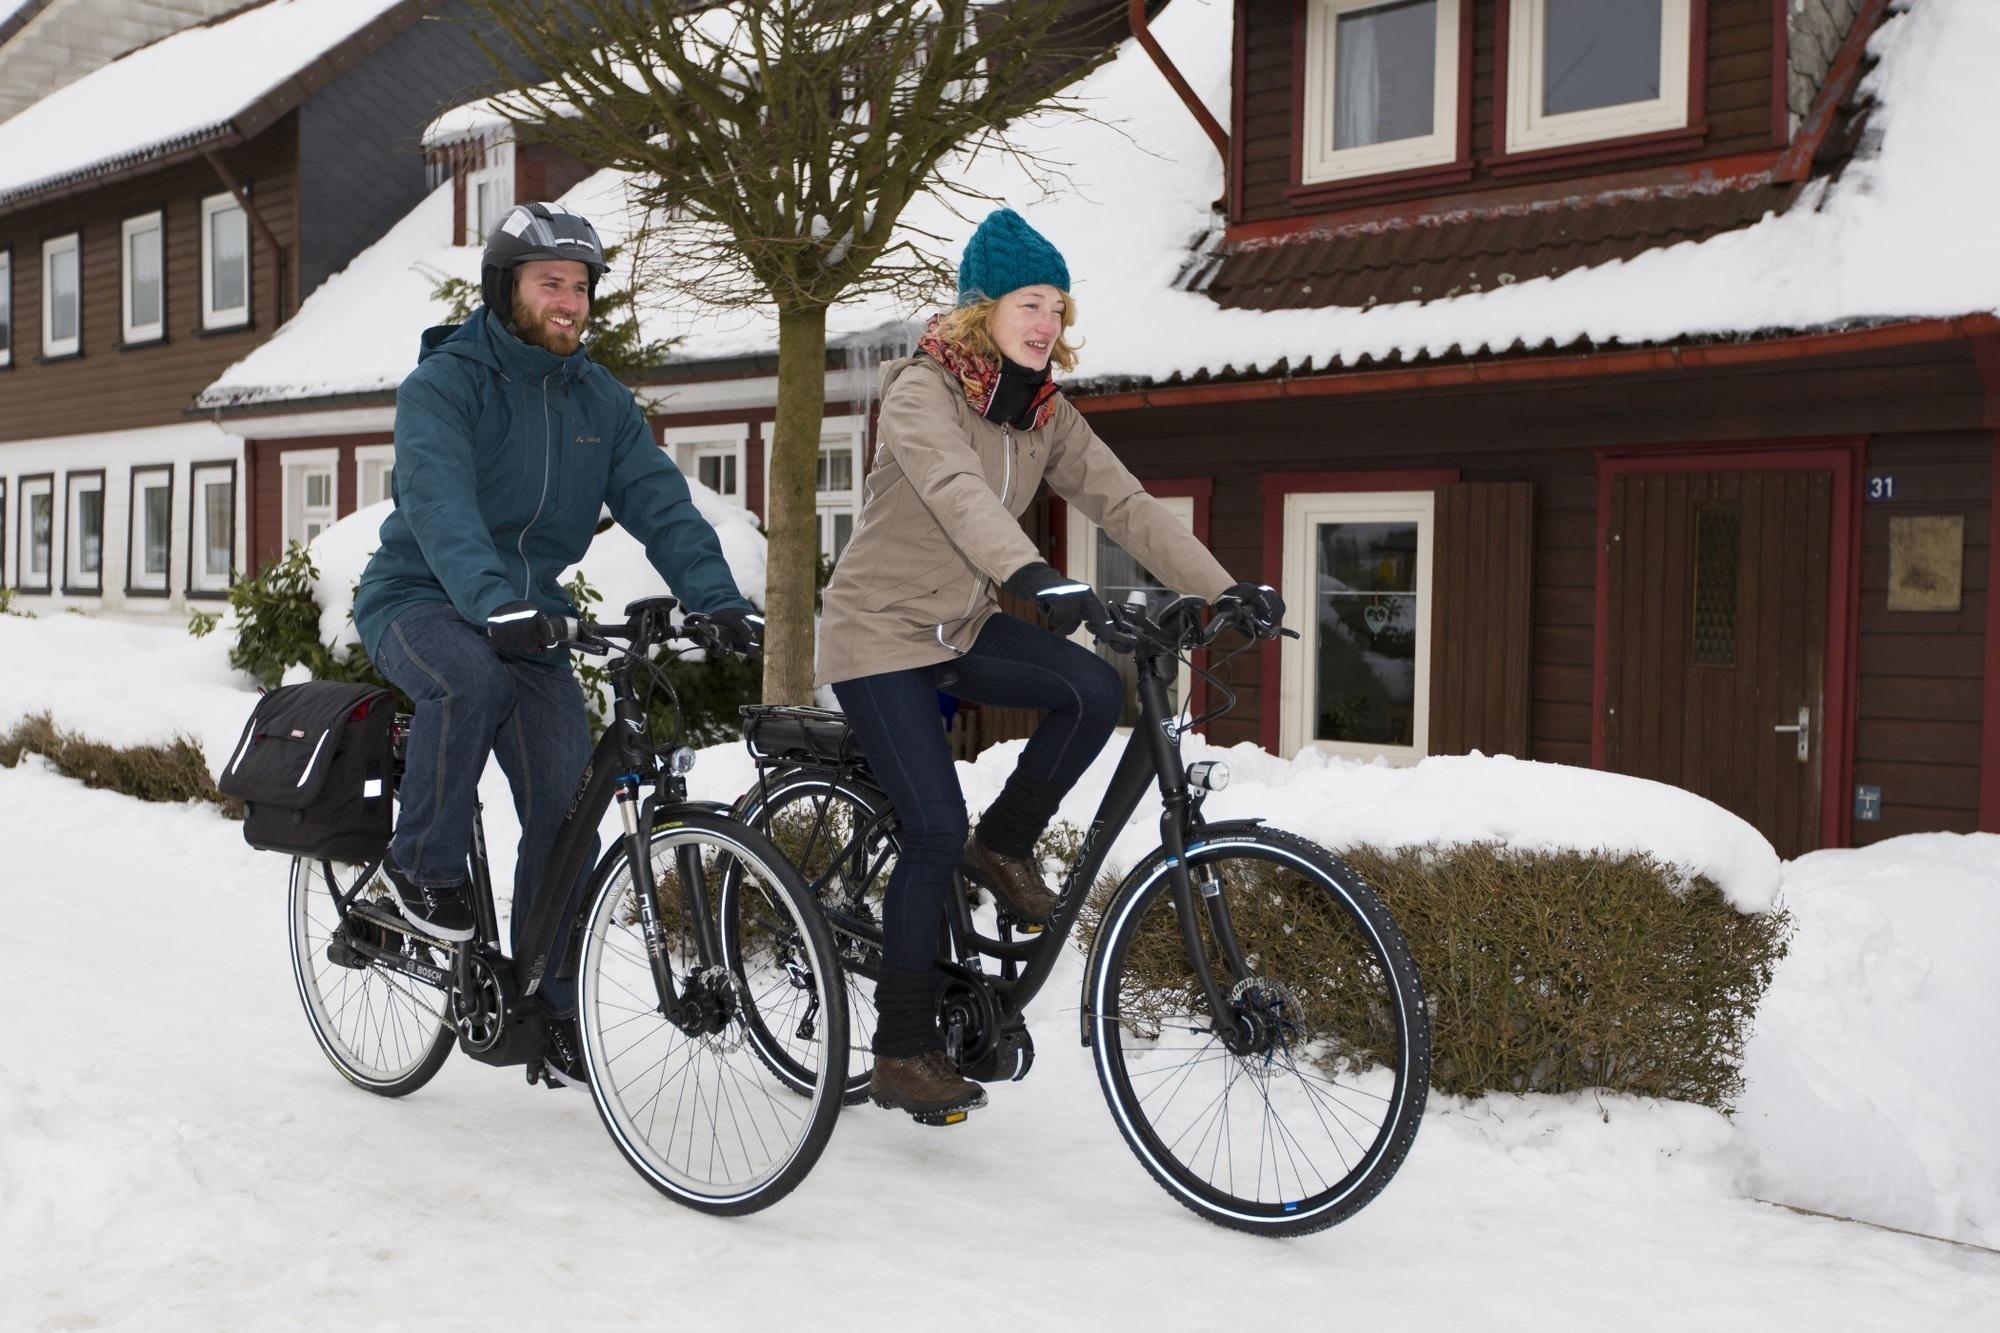 Radfahren im Winter - Auf die Ausrüstung kommt es an